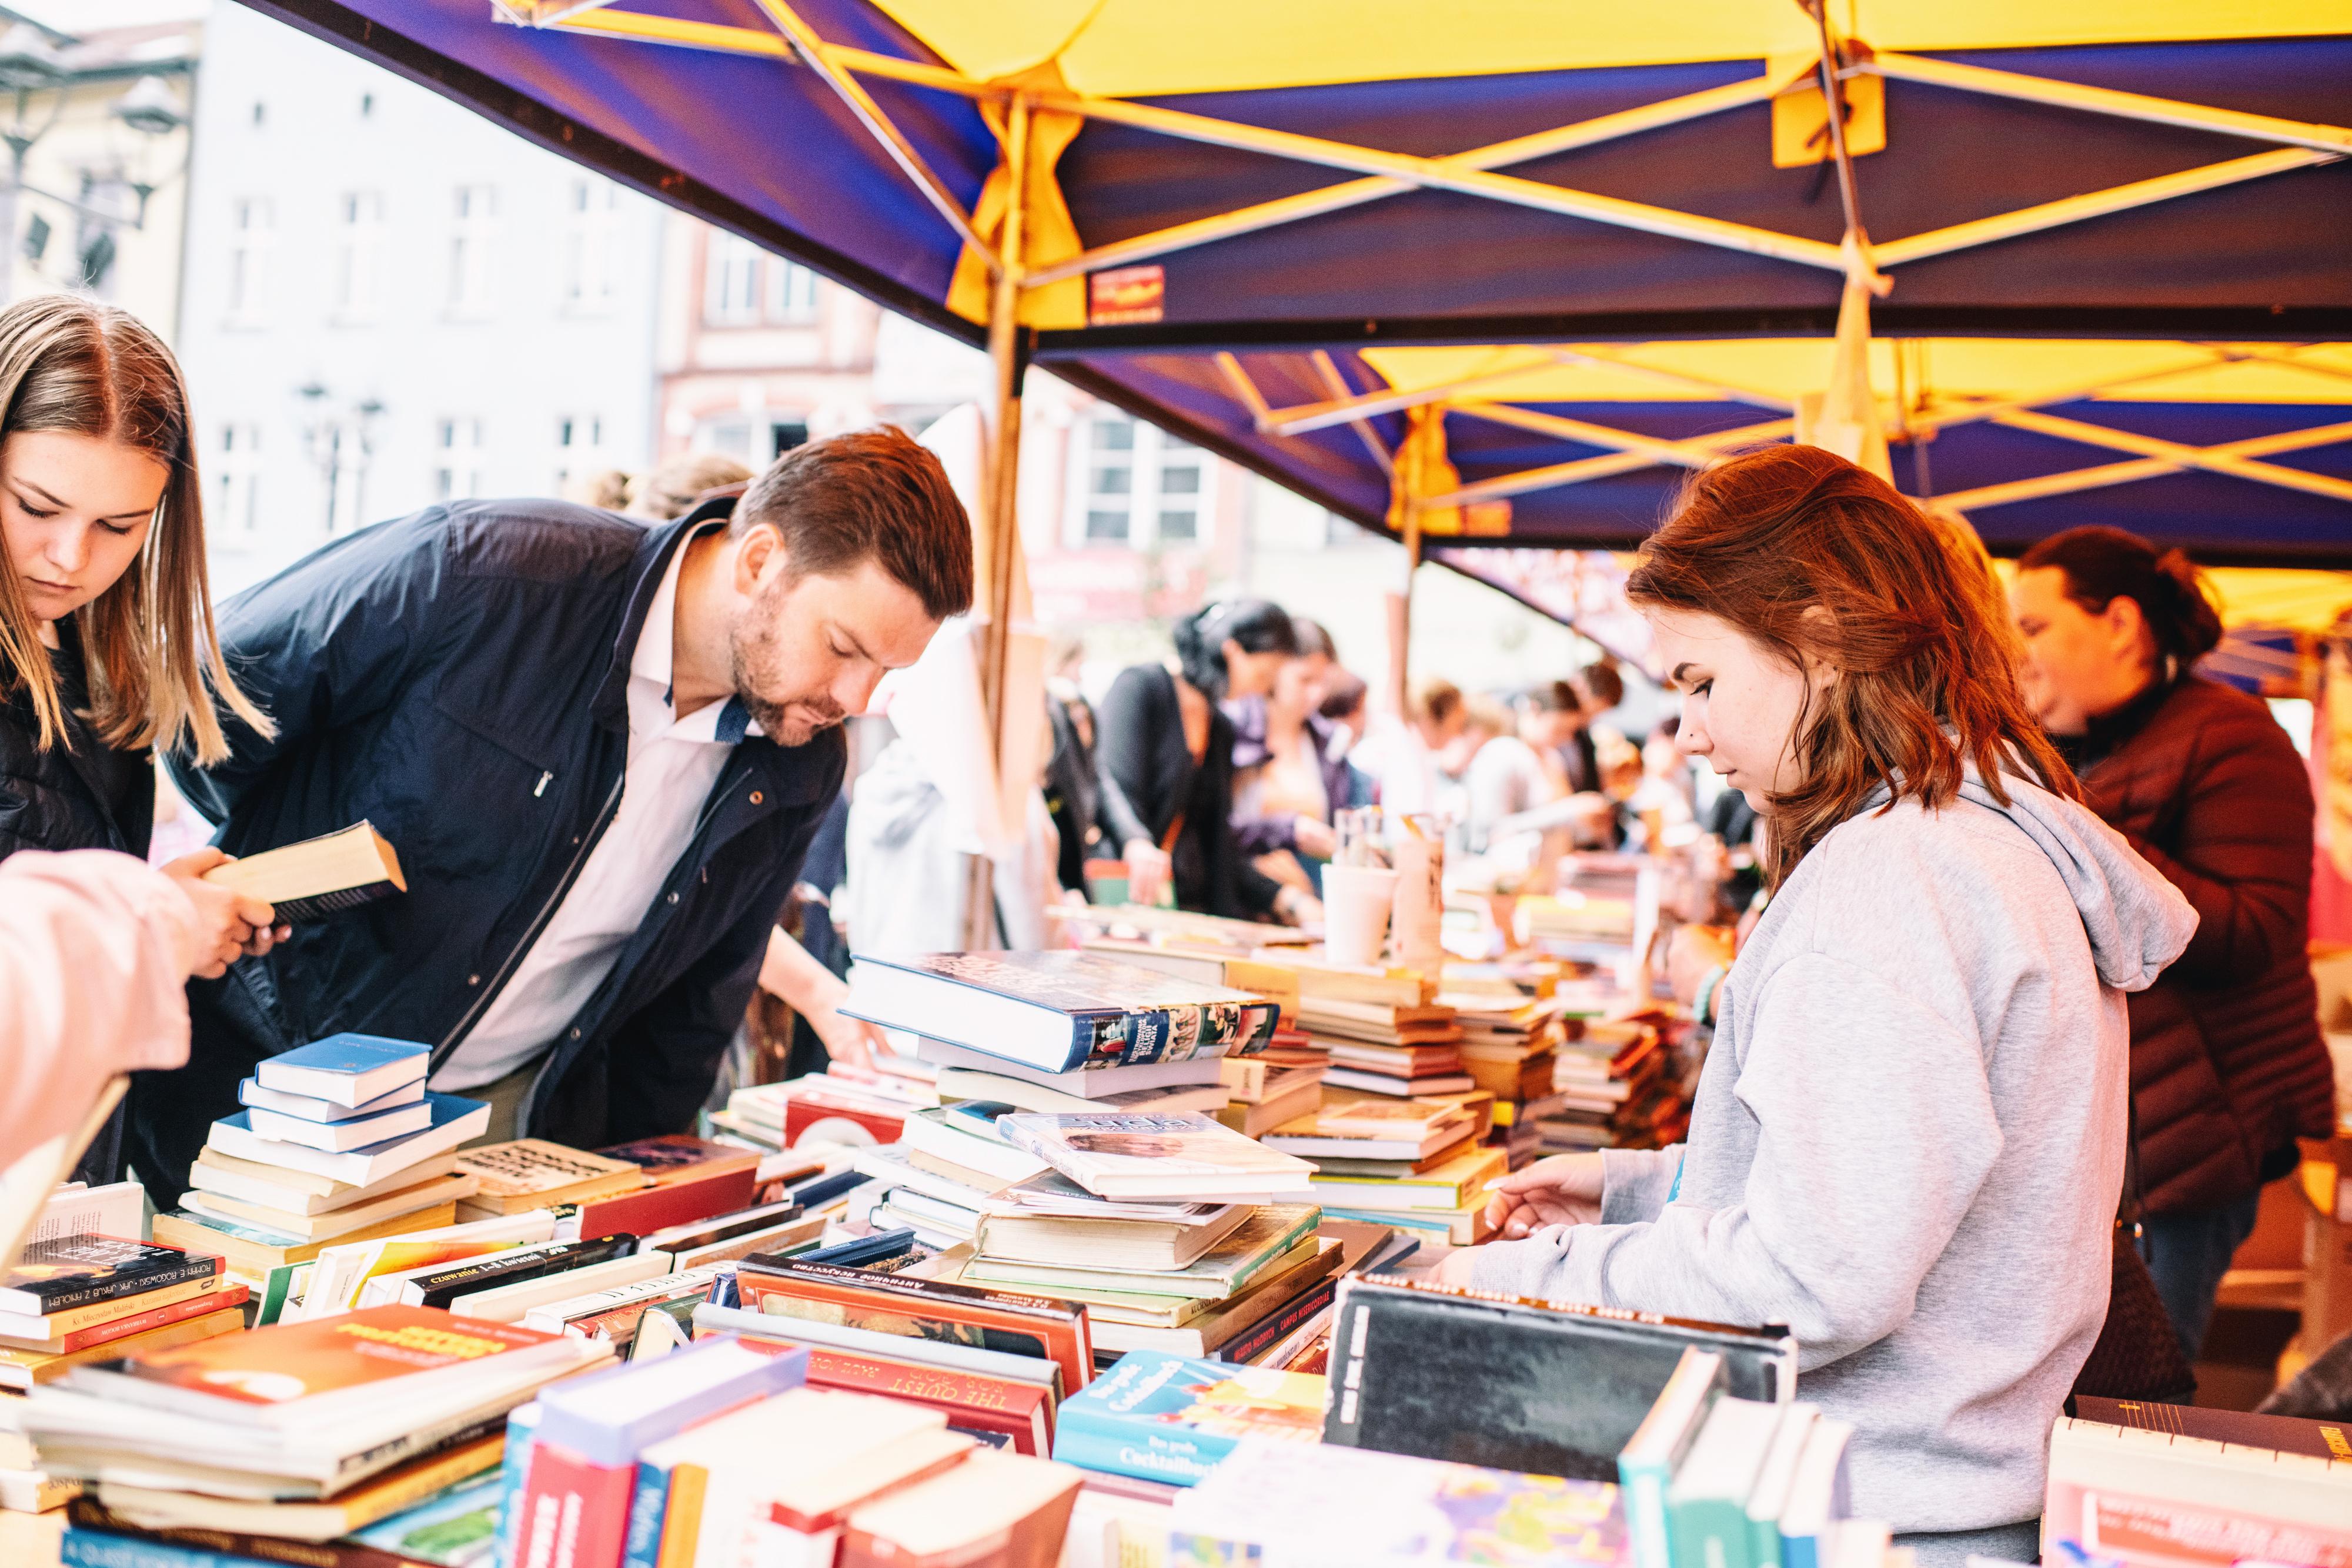 ludzie przeglądający książki na stoisku pod namiotem